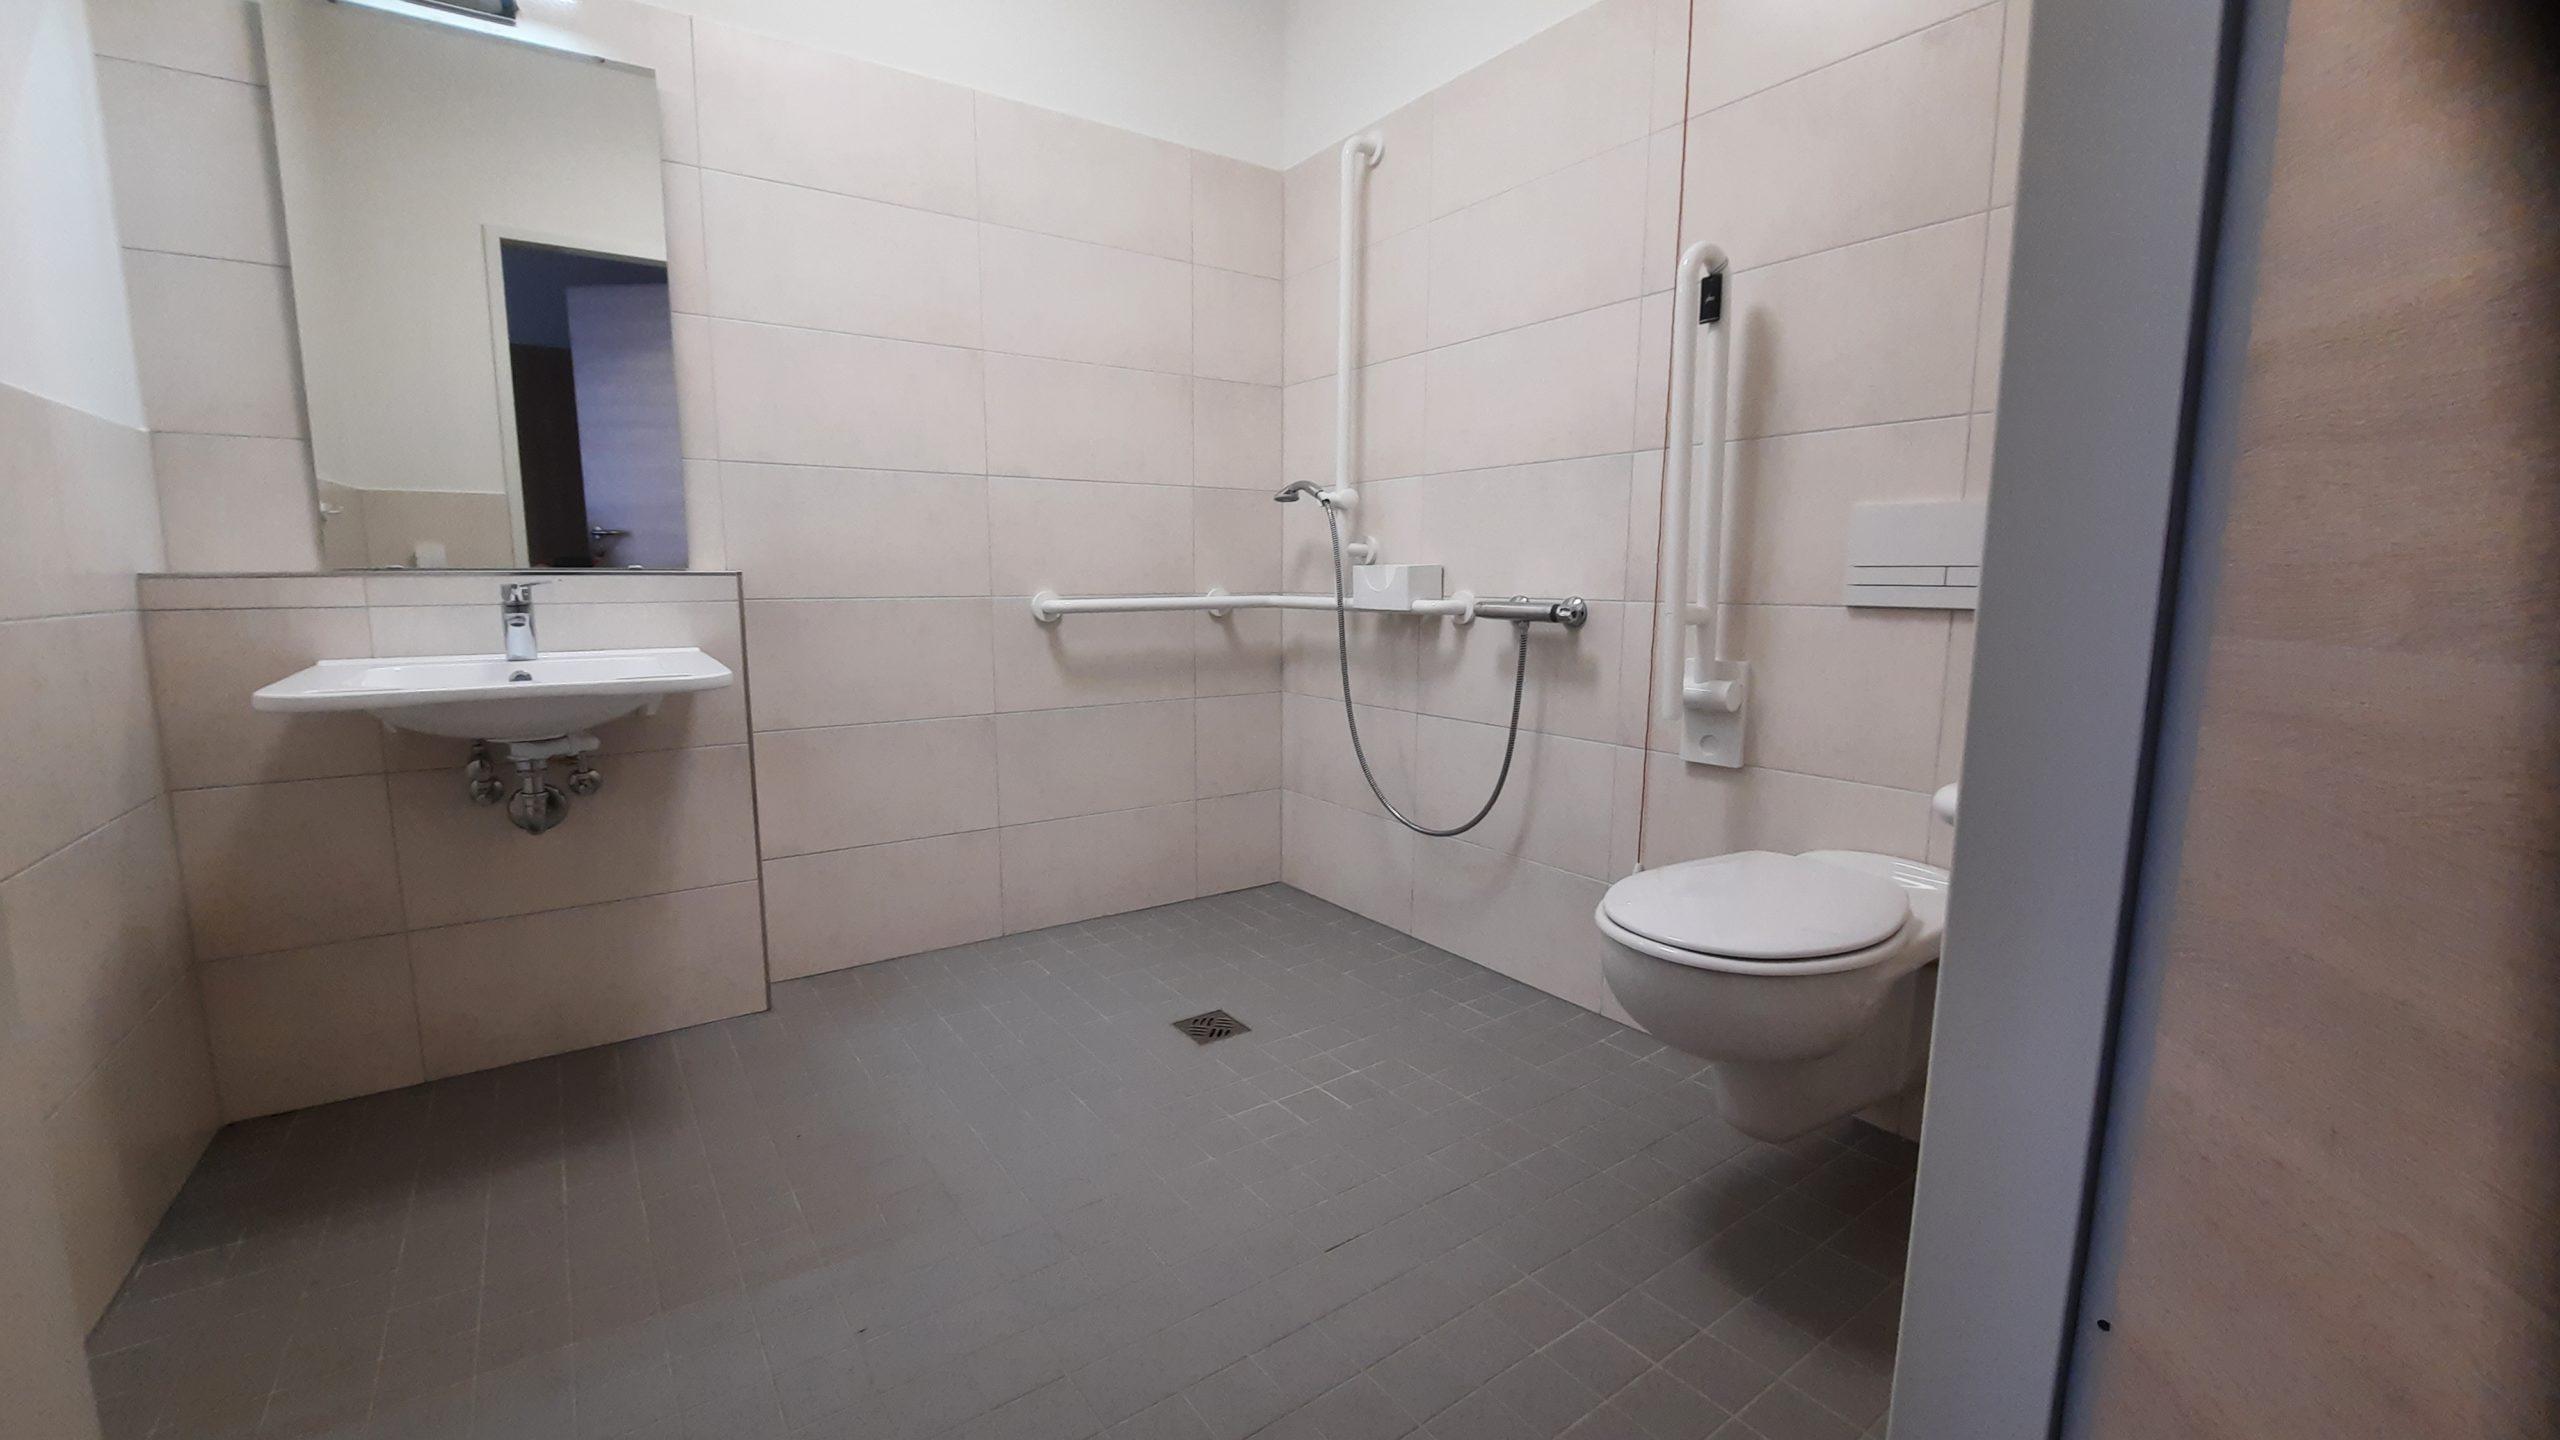 Bad eines Bewohnerzimmers